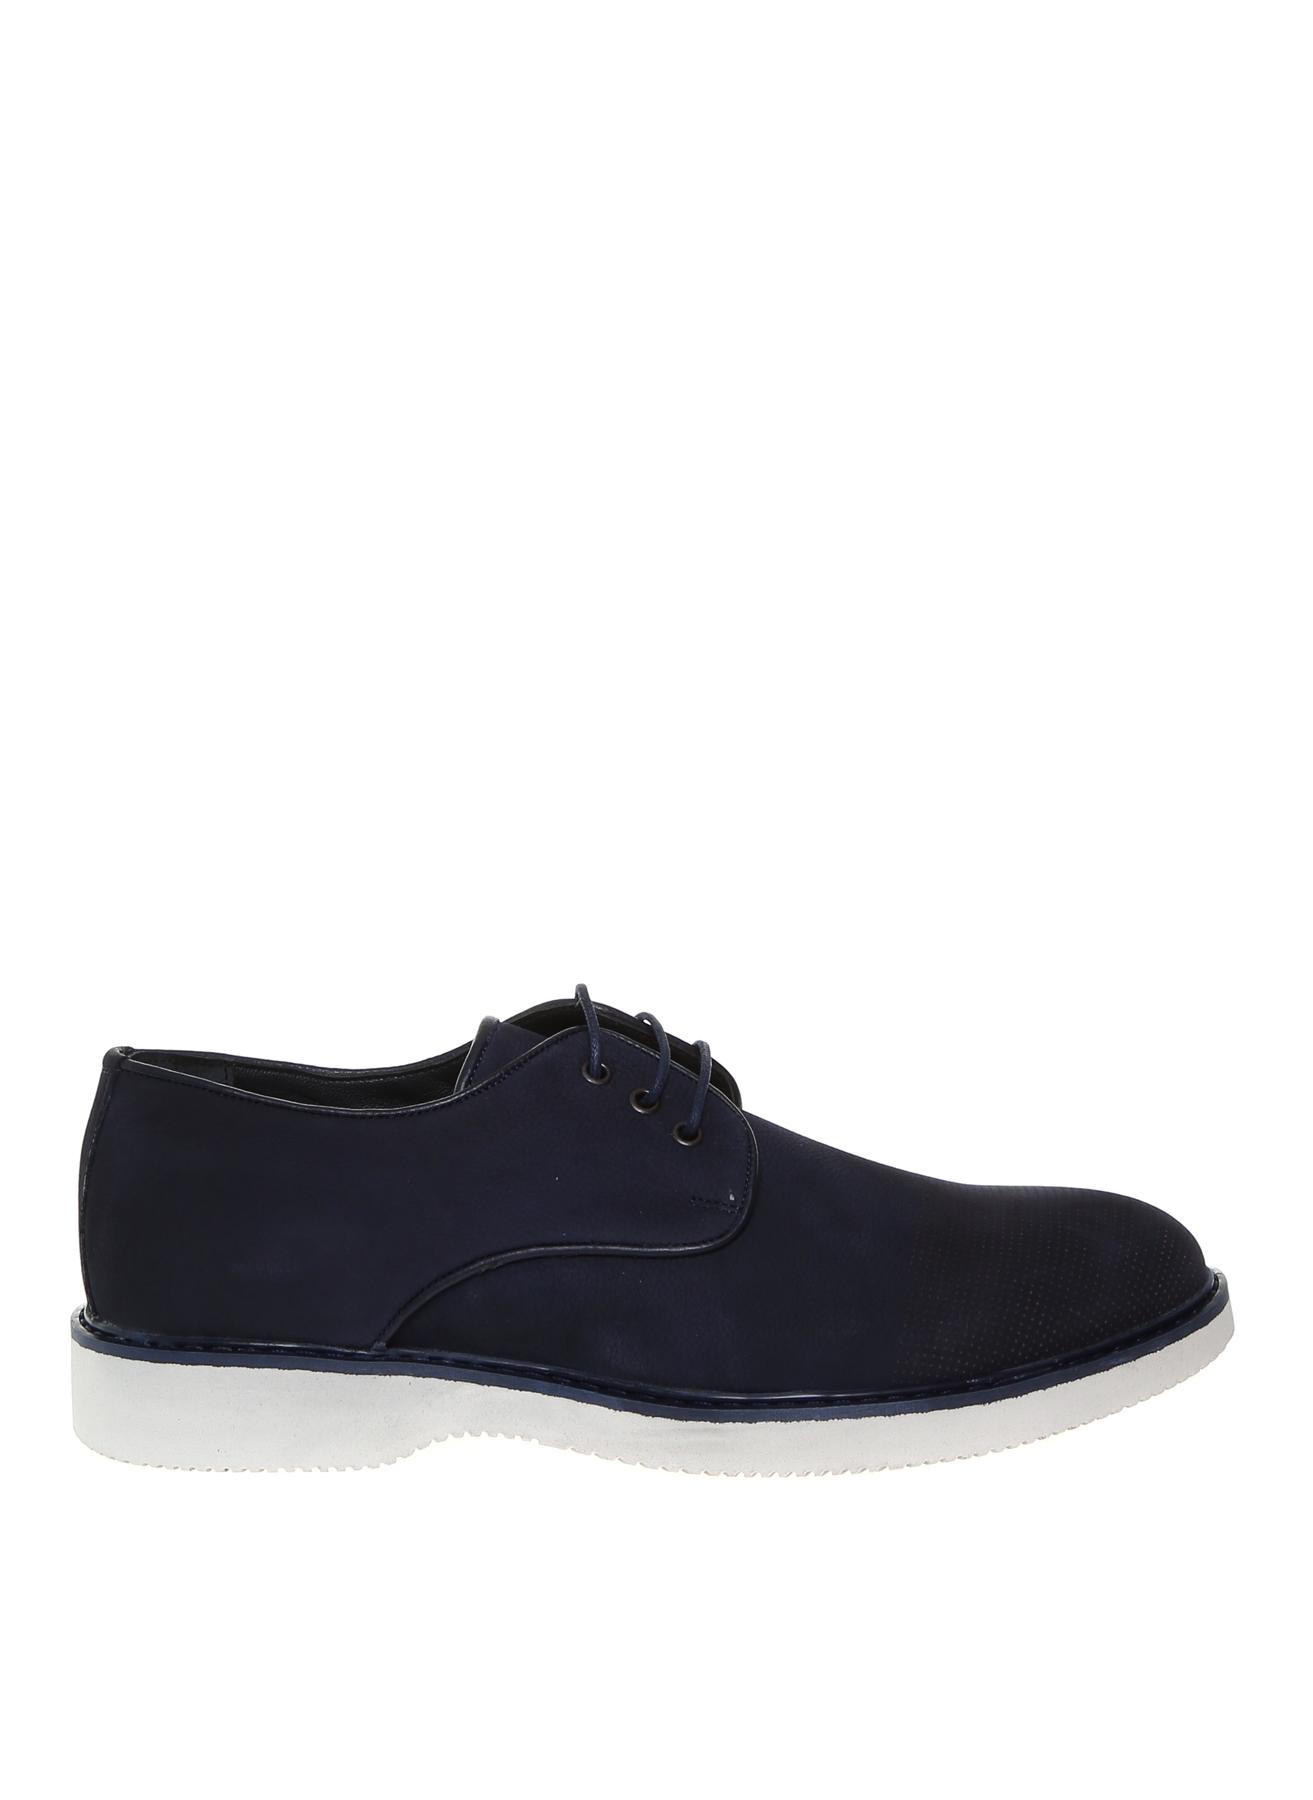 44 Koyu Lacivert Fabrika Erkek Nubuk Klasik Ayakkabı 5001909946005 & Çanta